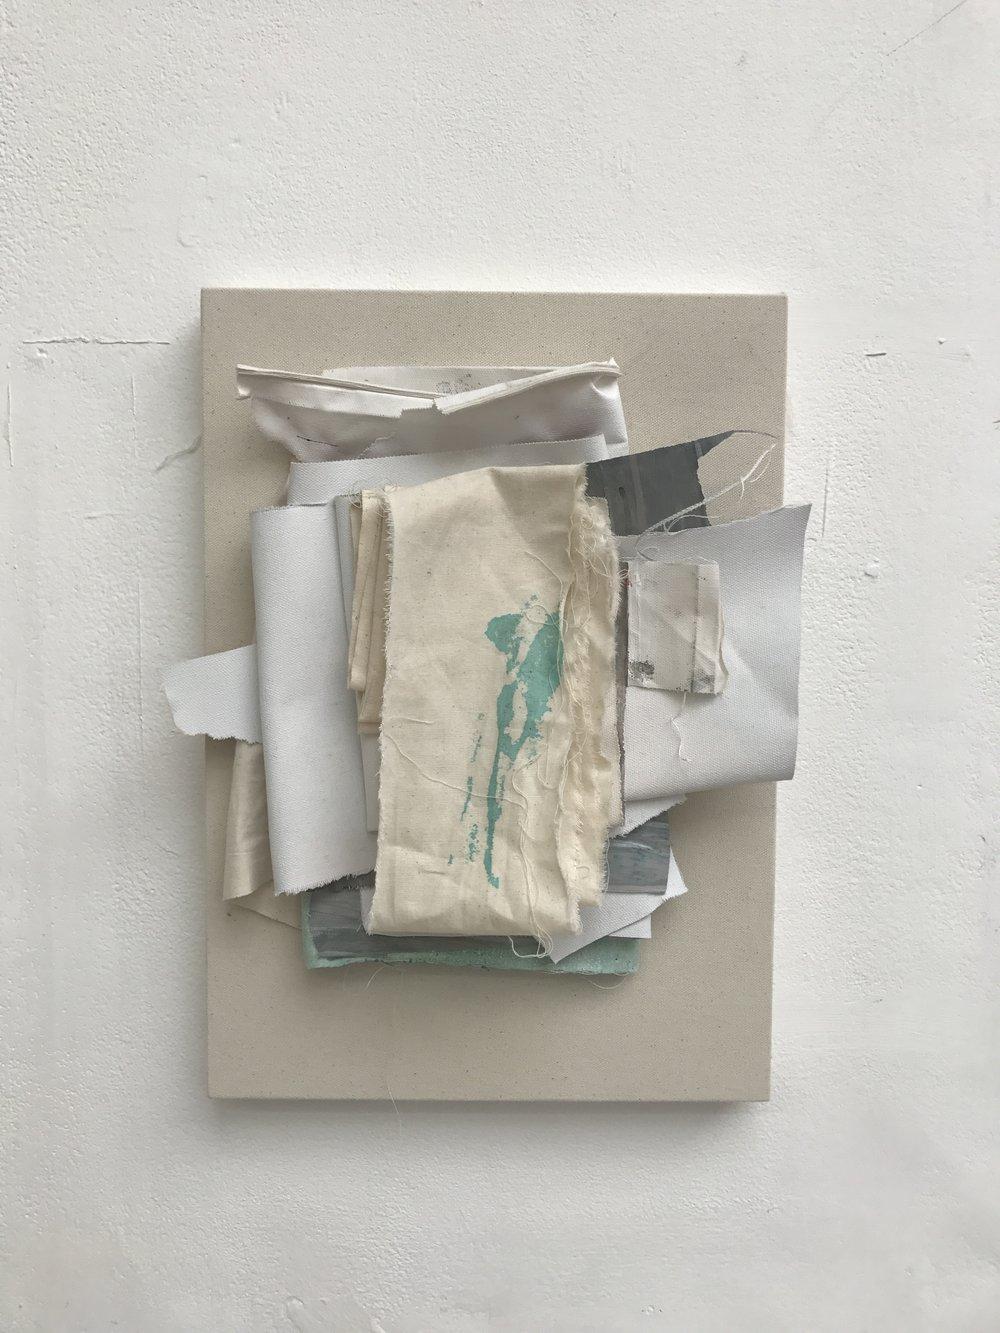 Composition 50 (2017)